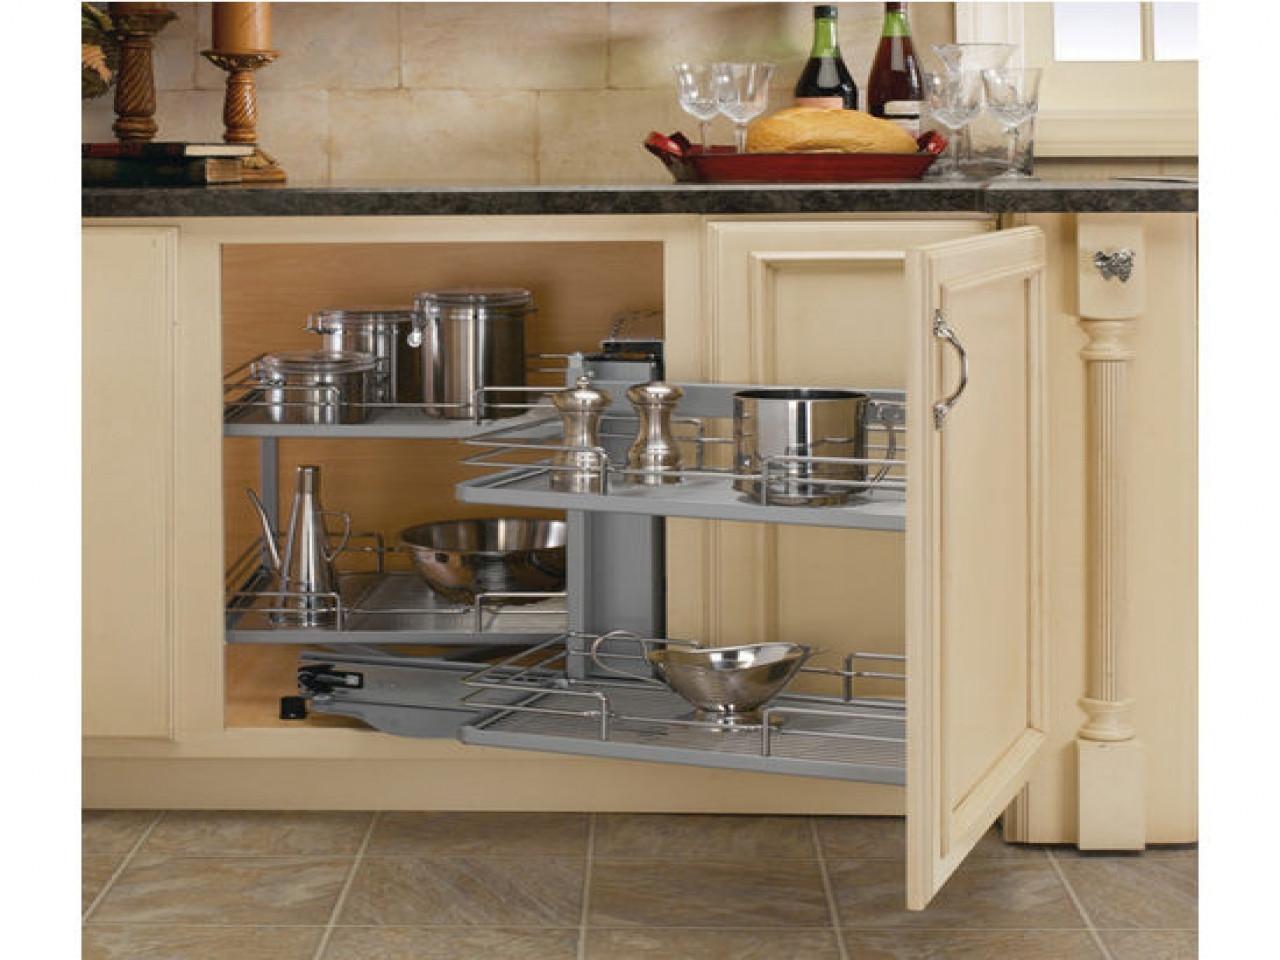 Best ideas about Kitchen Organizer Shelf . Save or Pin Corner shelves on kitchen cabinets blind corner kitchen Now.